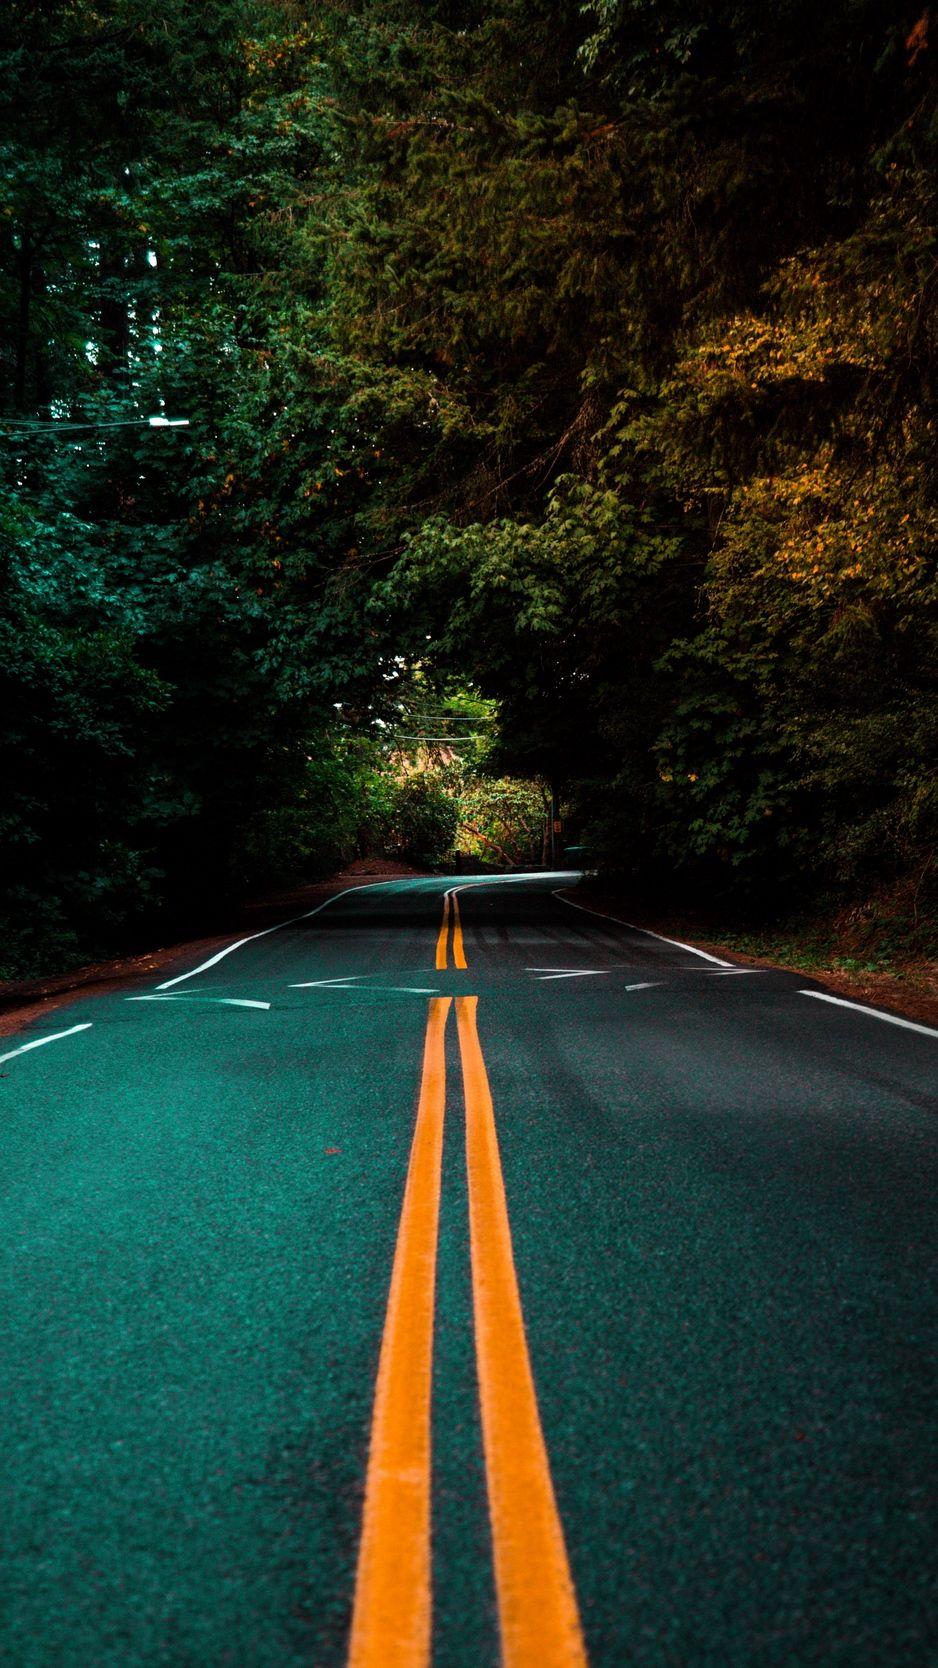 Road Marking Turn Trees Asphalt Wallpaper Blur Background Photography Dslr Background Images Picsart Background Wallpaper long road trees path marking